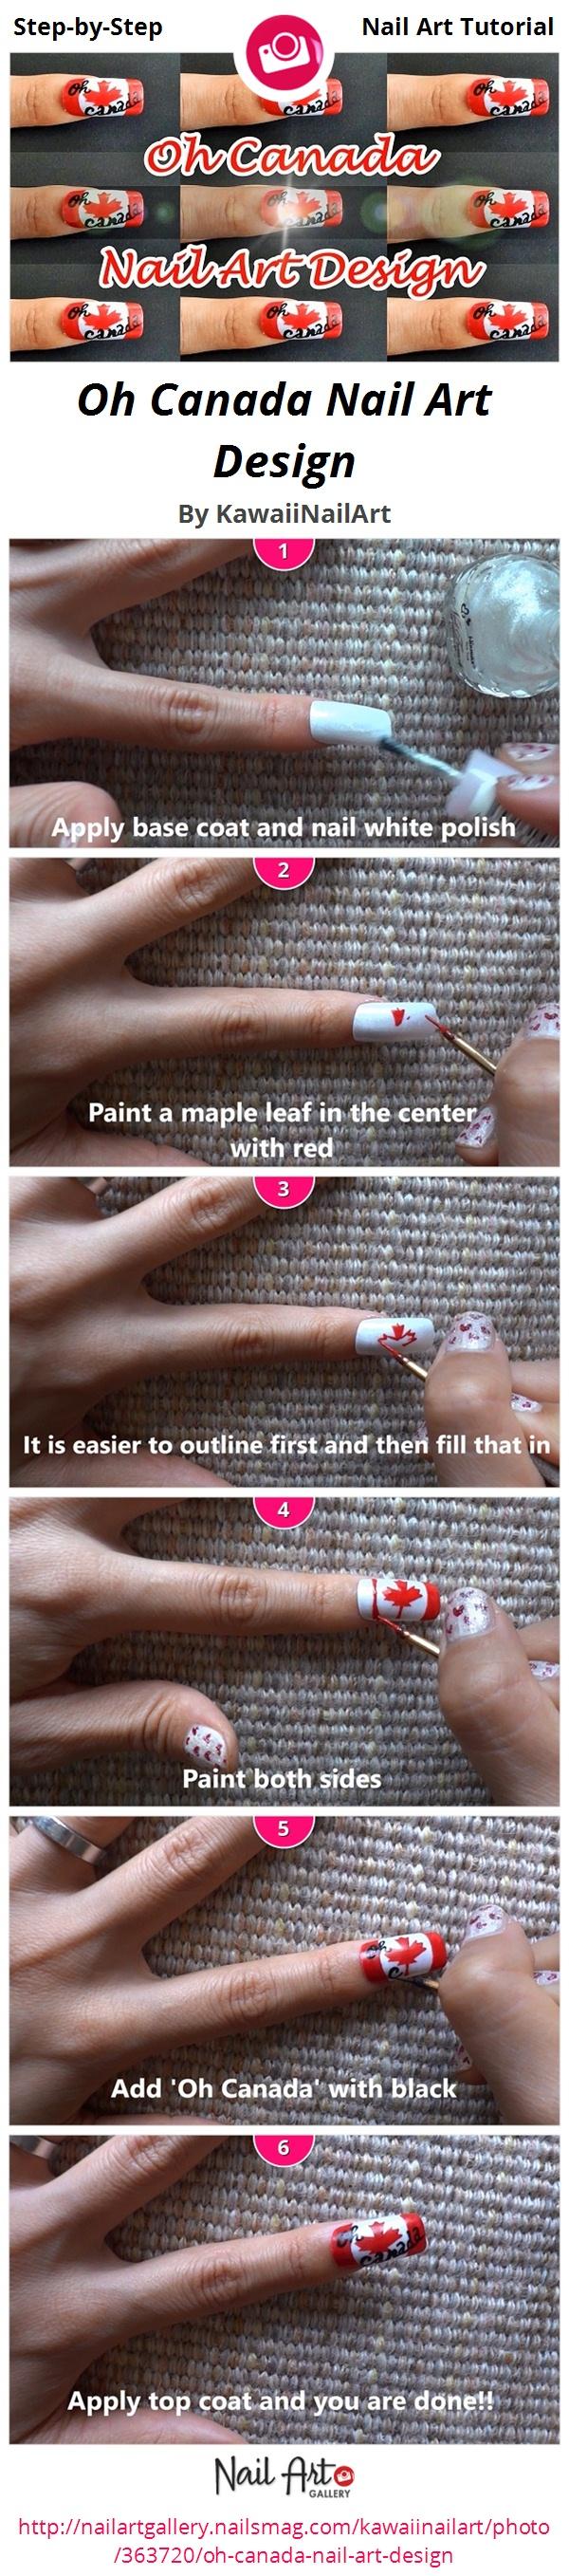 Oh Canada Nail Art Design  - Nail Art Gallery